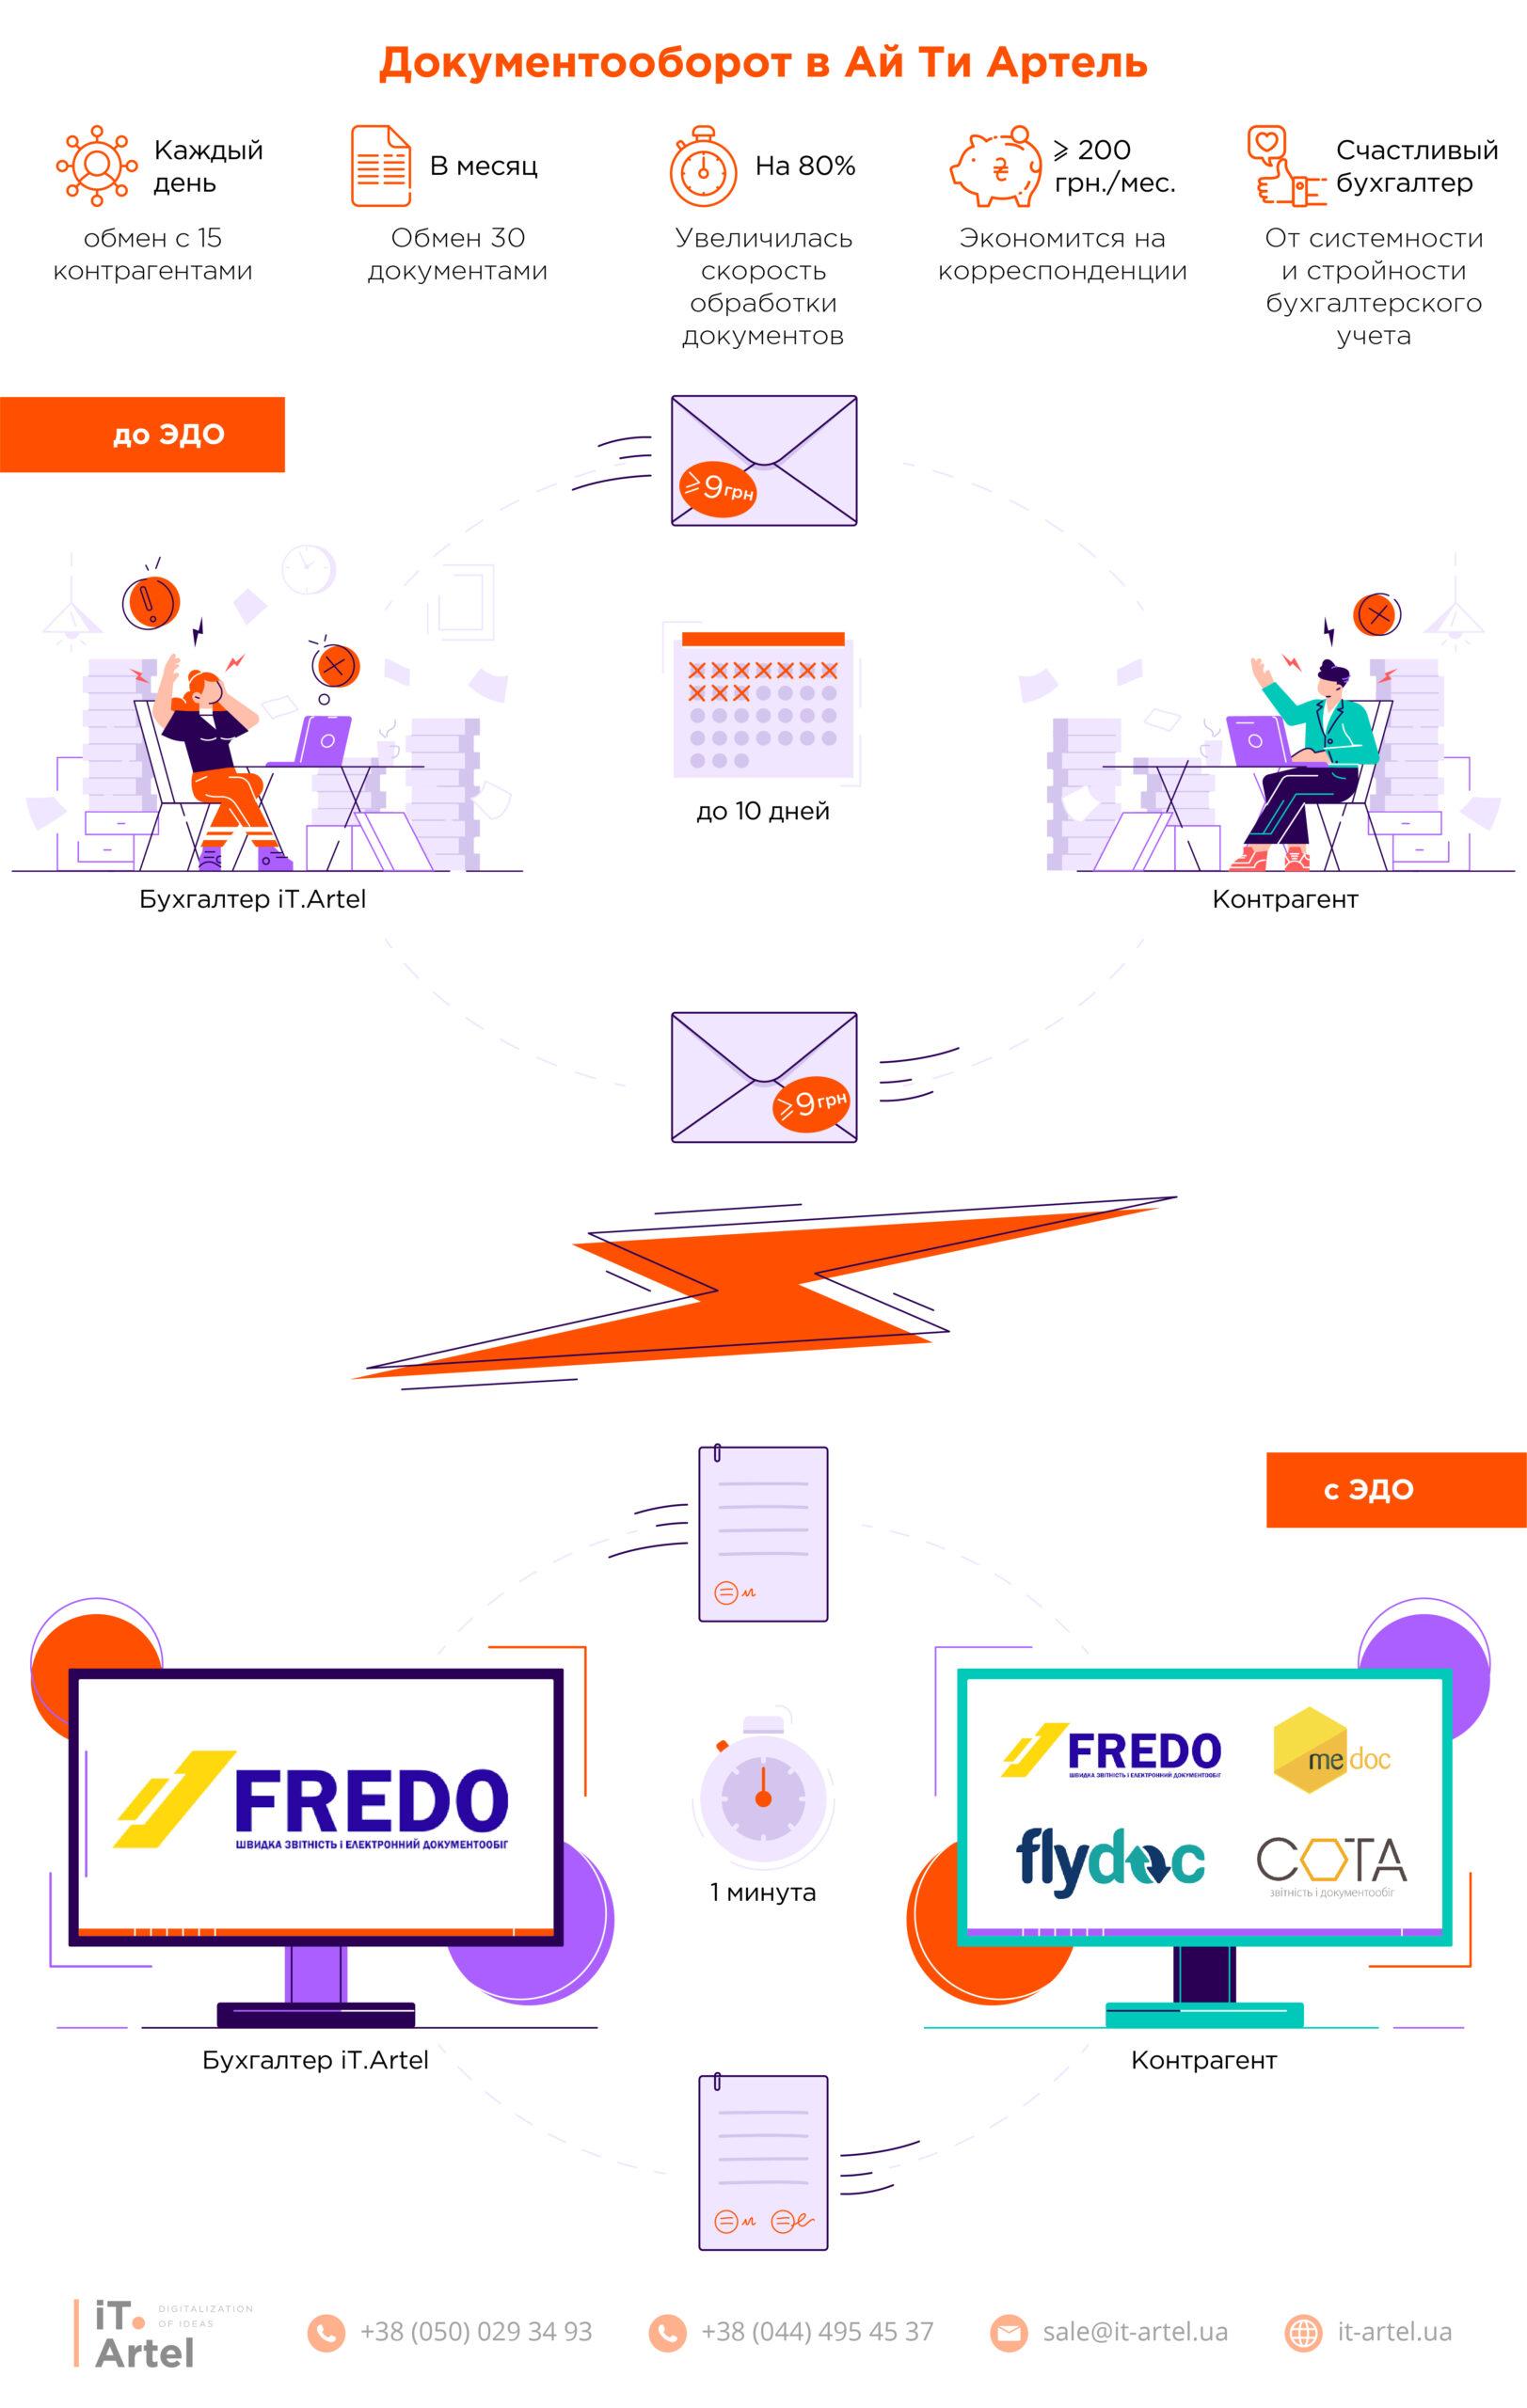 Как iT.Artel работает с FREDO ДокМен